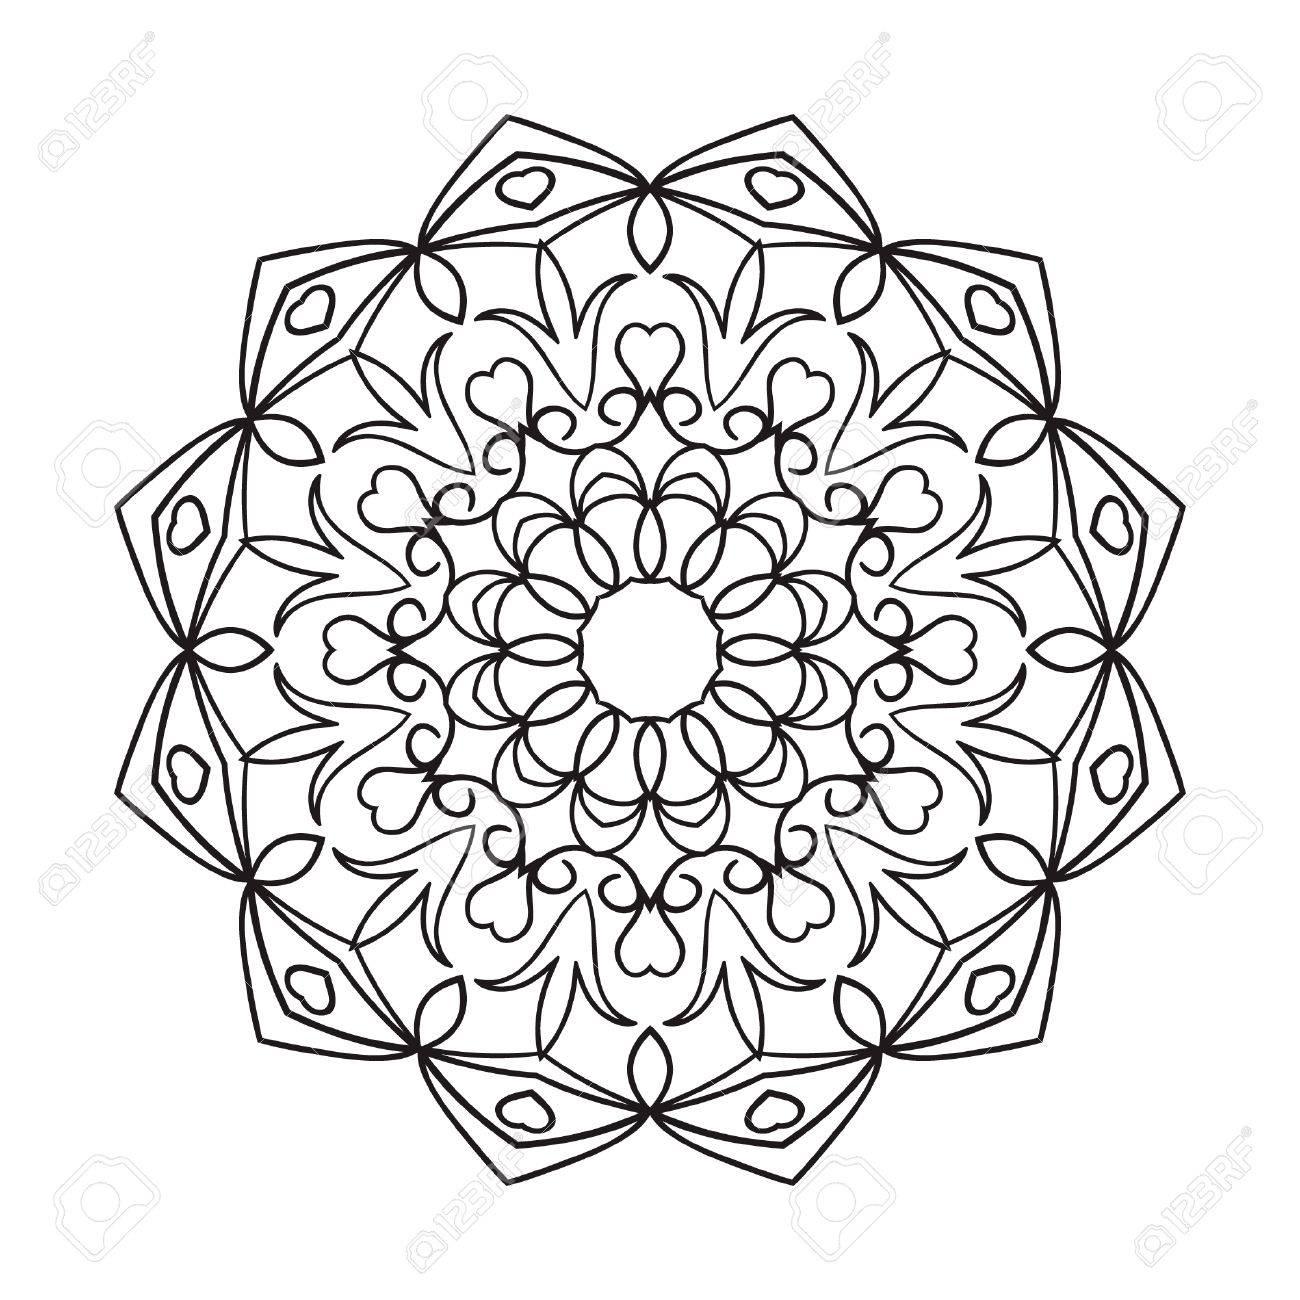 Mandala. Dibujo Negro Aislado En Blanco. Diseño De Página Del Libro ...